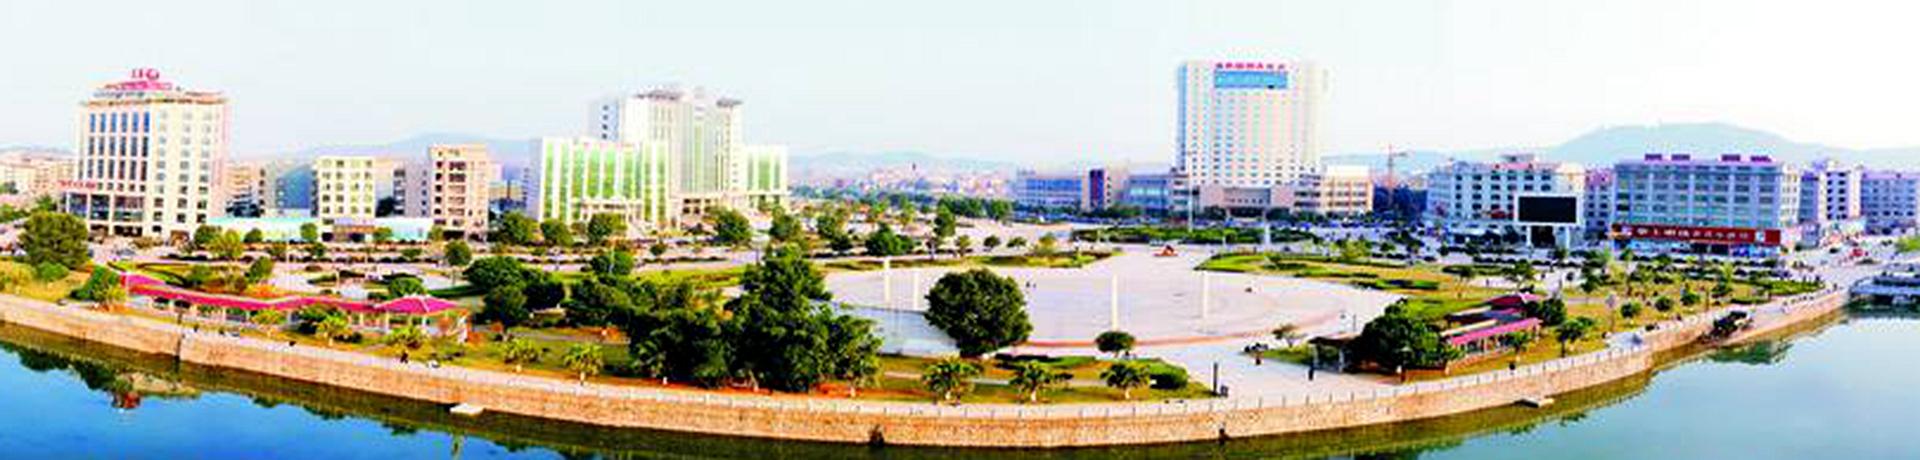 2019湖南秋季乡村文化旅游节下周开幕 这里古道仍有余温